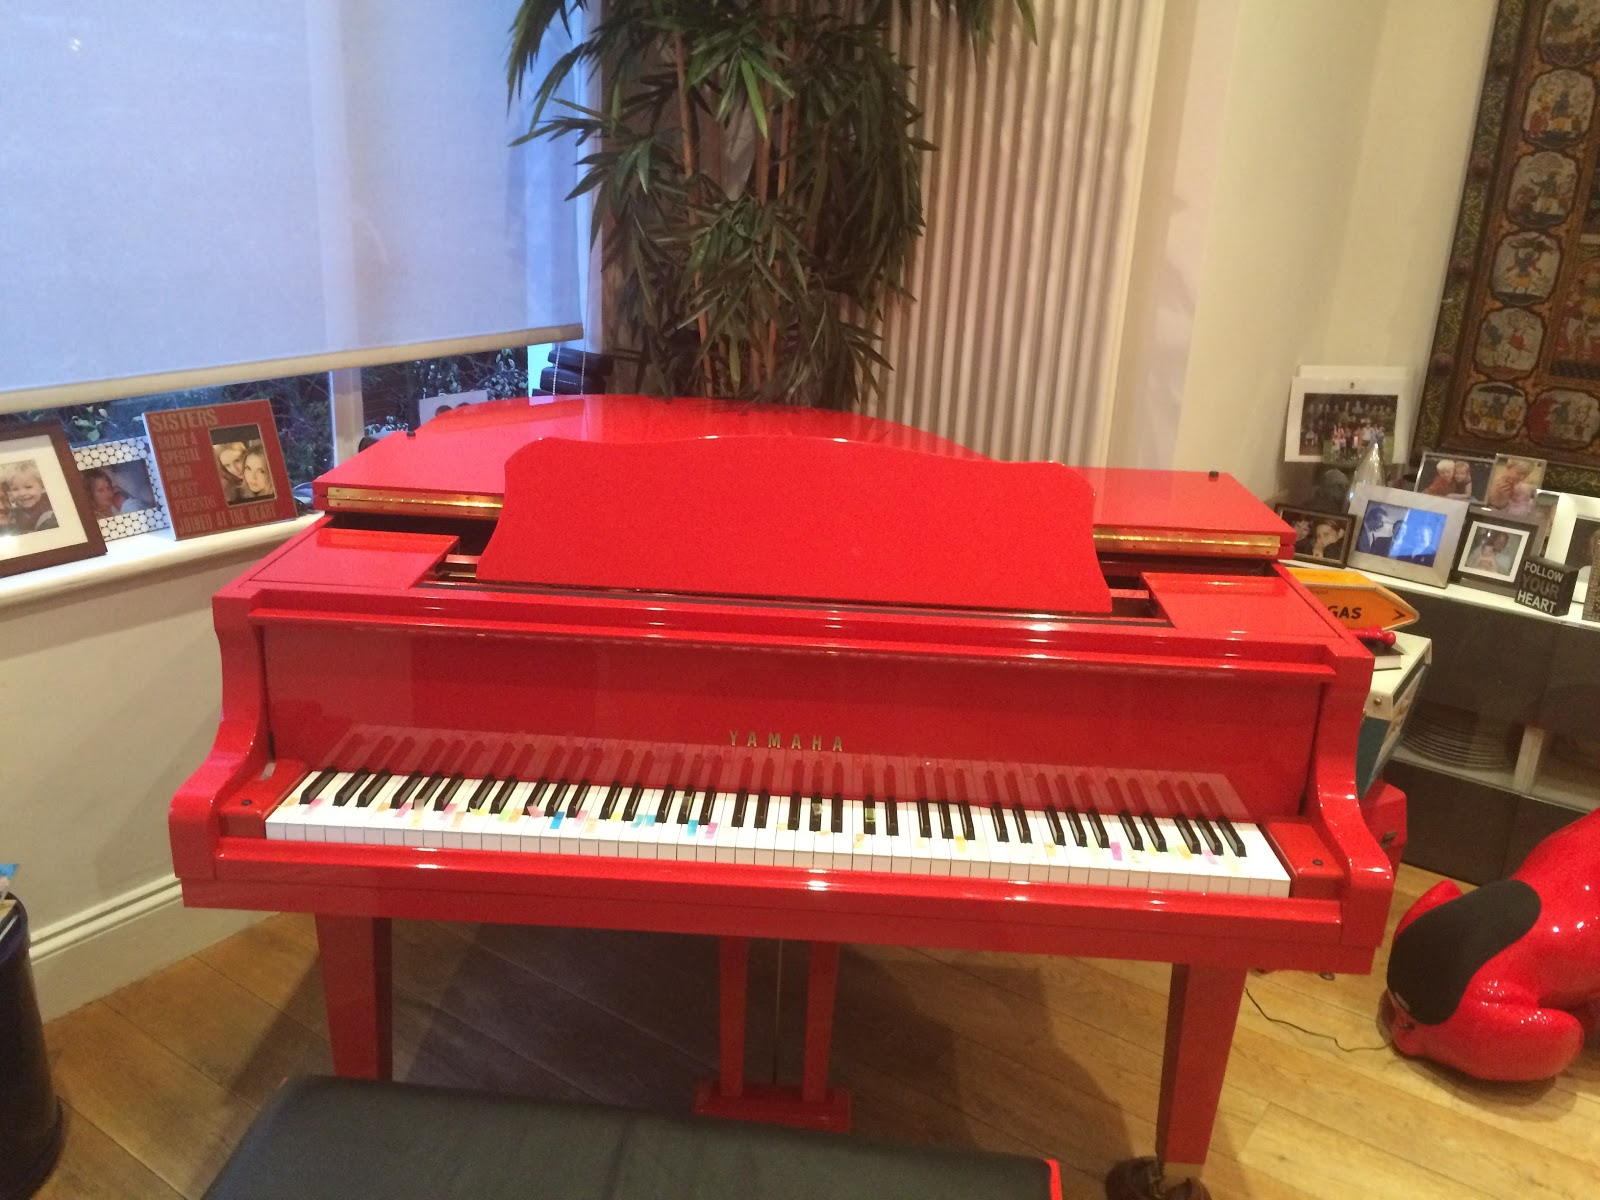 grand red piano